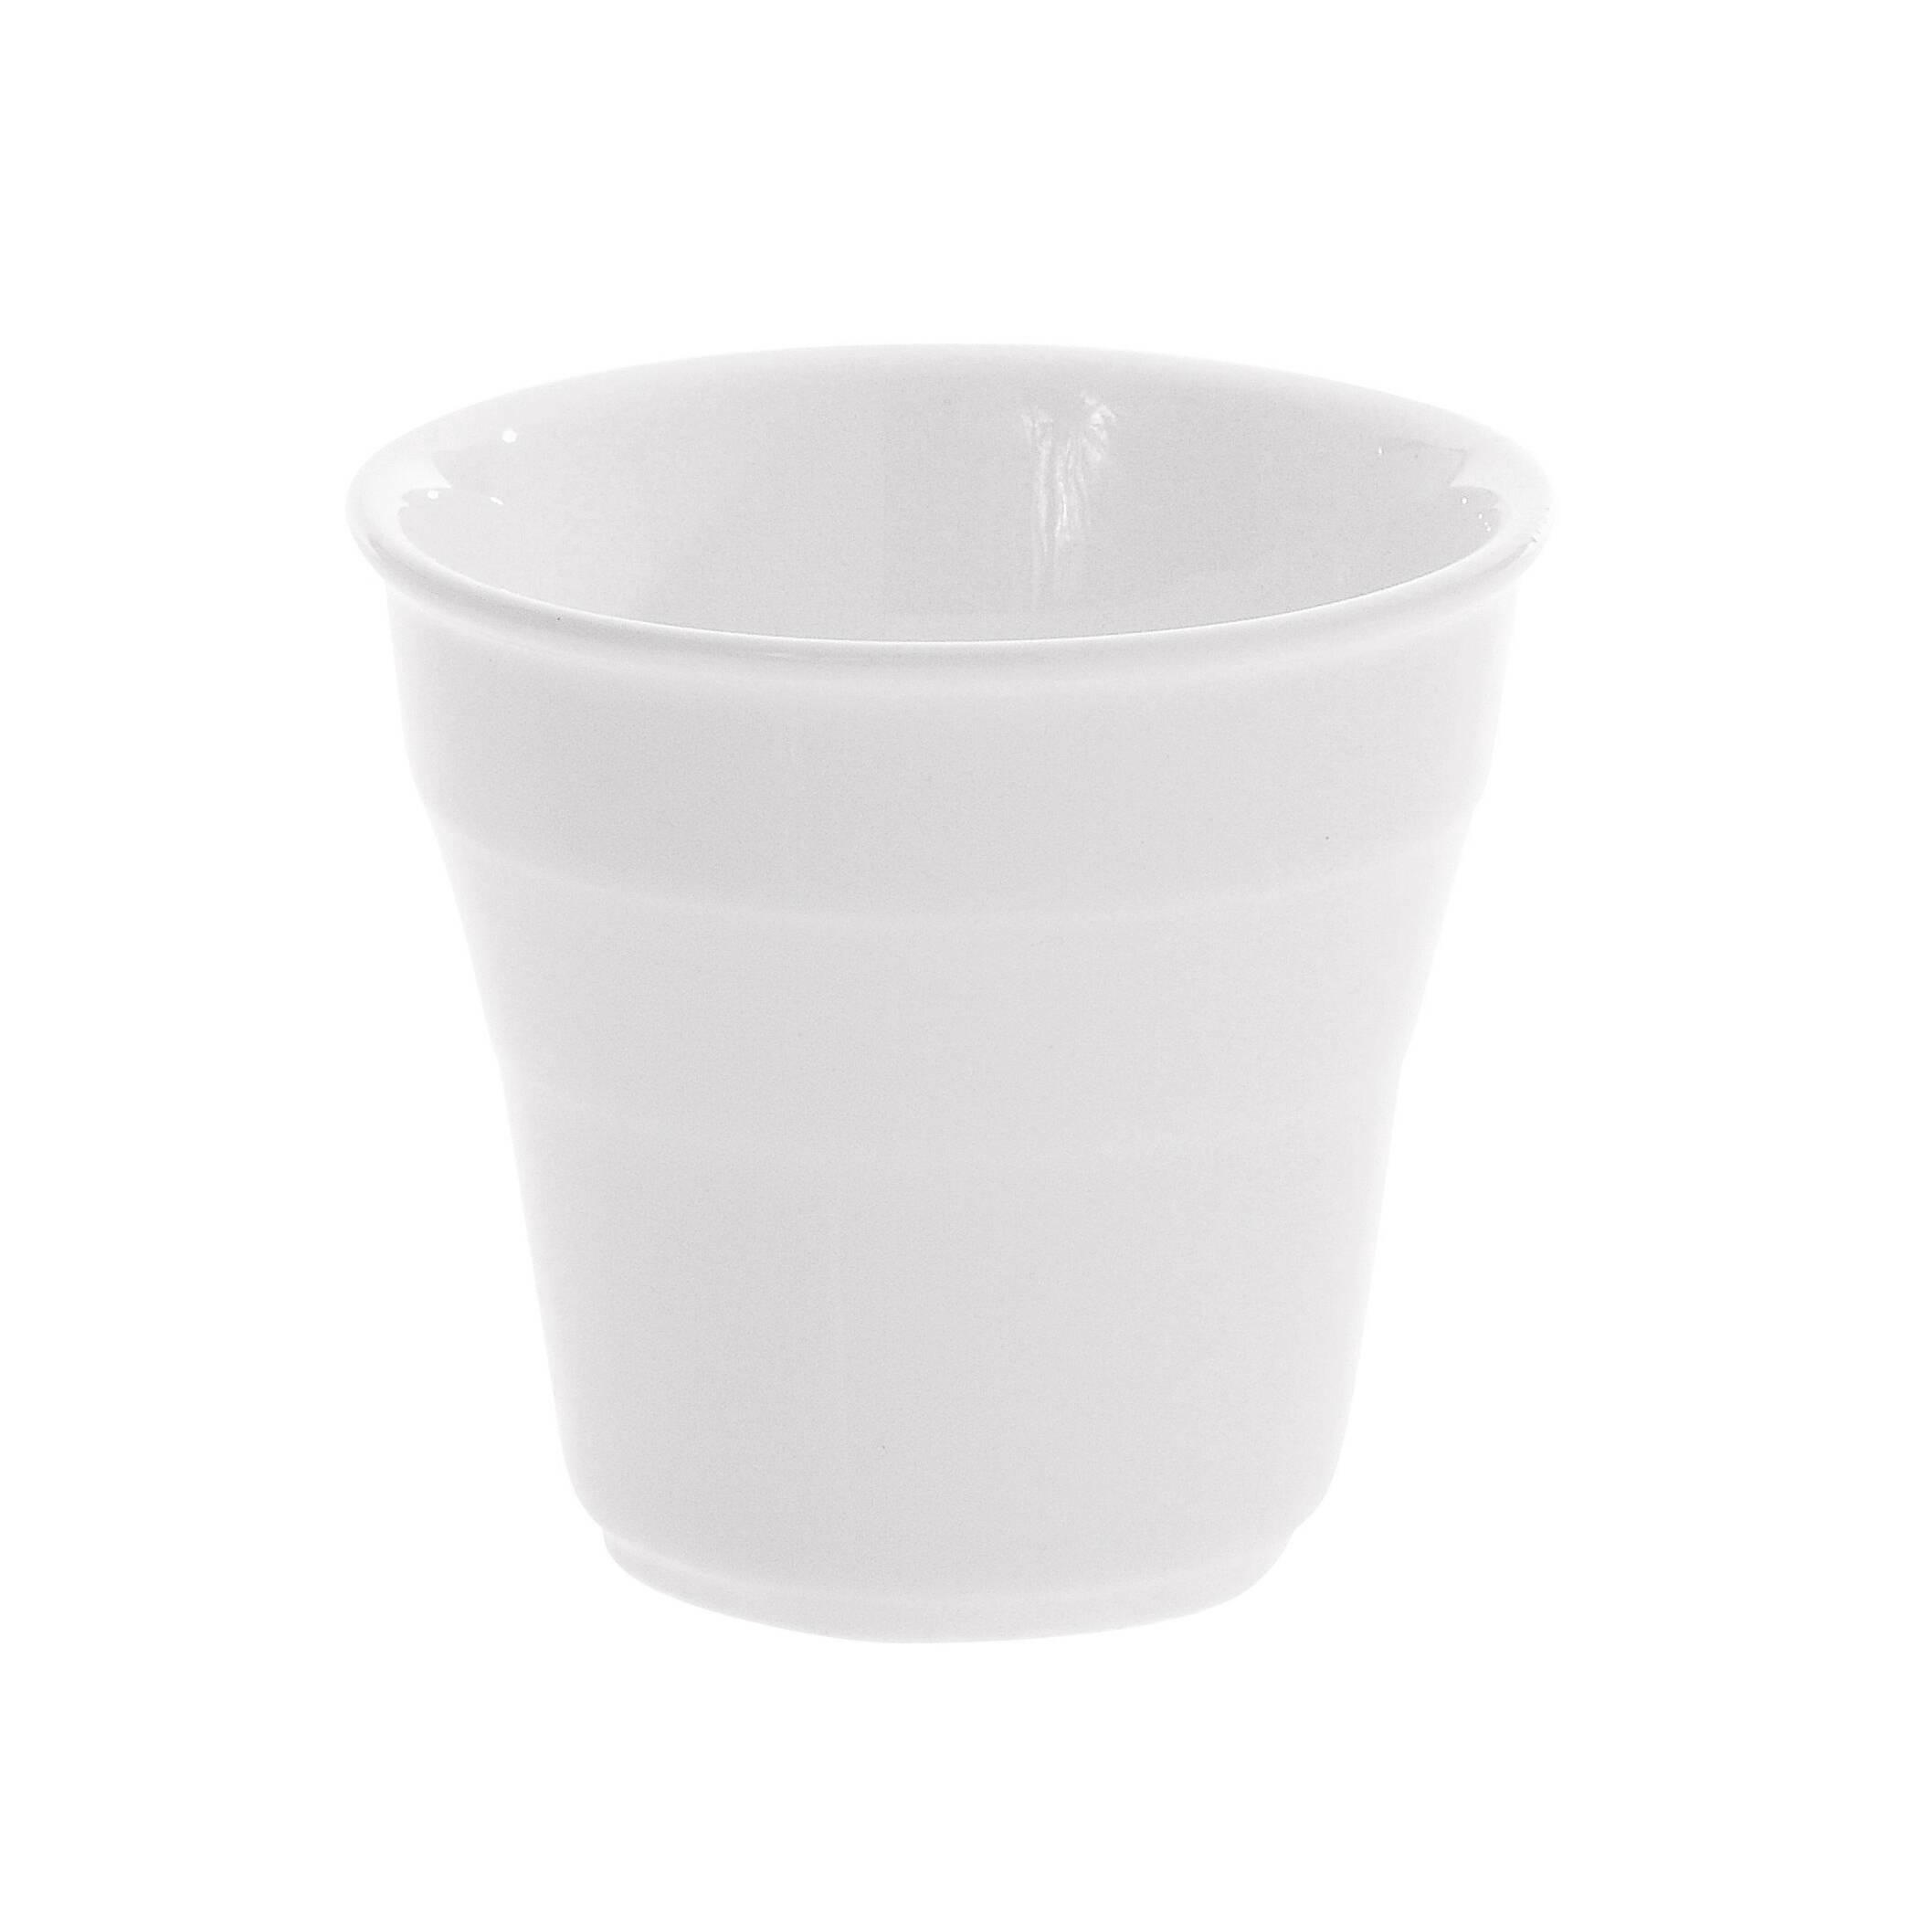 Кофейная чашка Estetico QuotidianoПосуда<br>Кофейная чашка Estetico Quotidiano из коллекции столовой посуды Estetico Quotidiano. Что в нашей жизни может быть привычнее и незаметнее, чем, например, одноразовая посуда или пластиковые бутылки? Разве только посуда в собственном доме, на рисунок которой уже давно не обращаешь внимания.<br><br><br> Дизайнер Алессандро Дзамбелли совместно с компанией Seletti выпустили коллекцию столовой посуды под названием Estetico Quotidiano, что можно перевести с итальянского языка как «эстетика повседне...<br><br>stock: 0<br>Высота: 5,2<br>Ширина: 5,8<br>Материал: Фарфор<br>Цвет: Белый